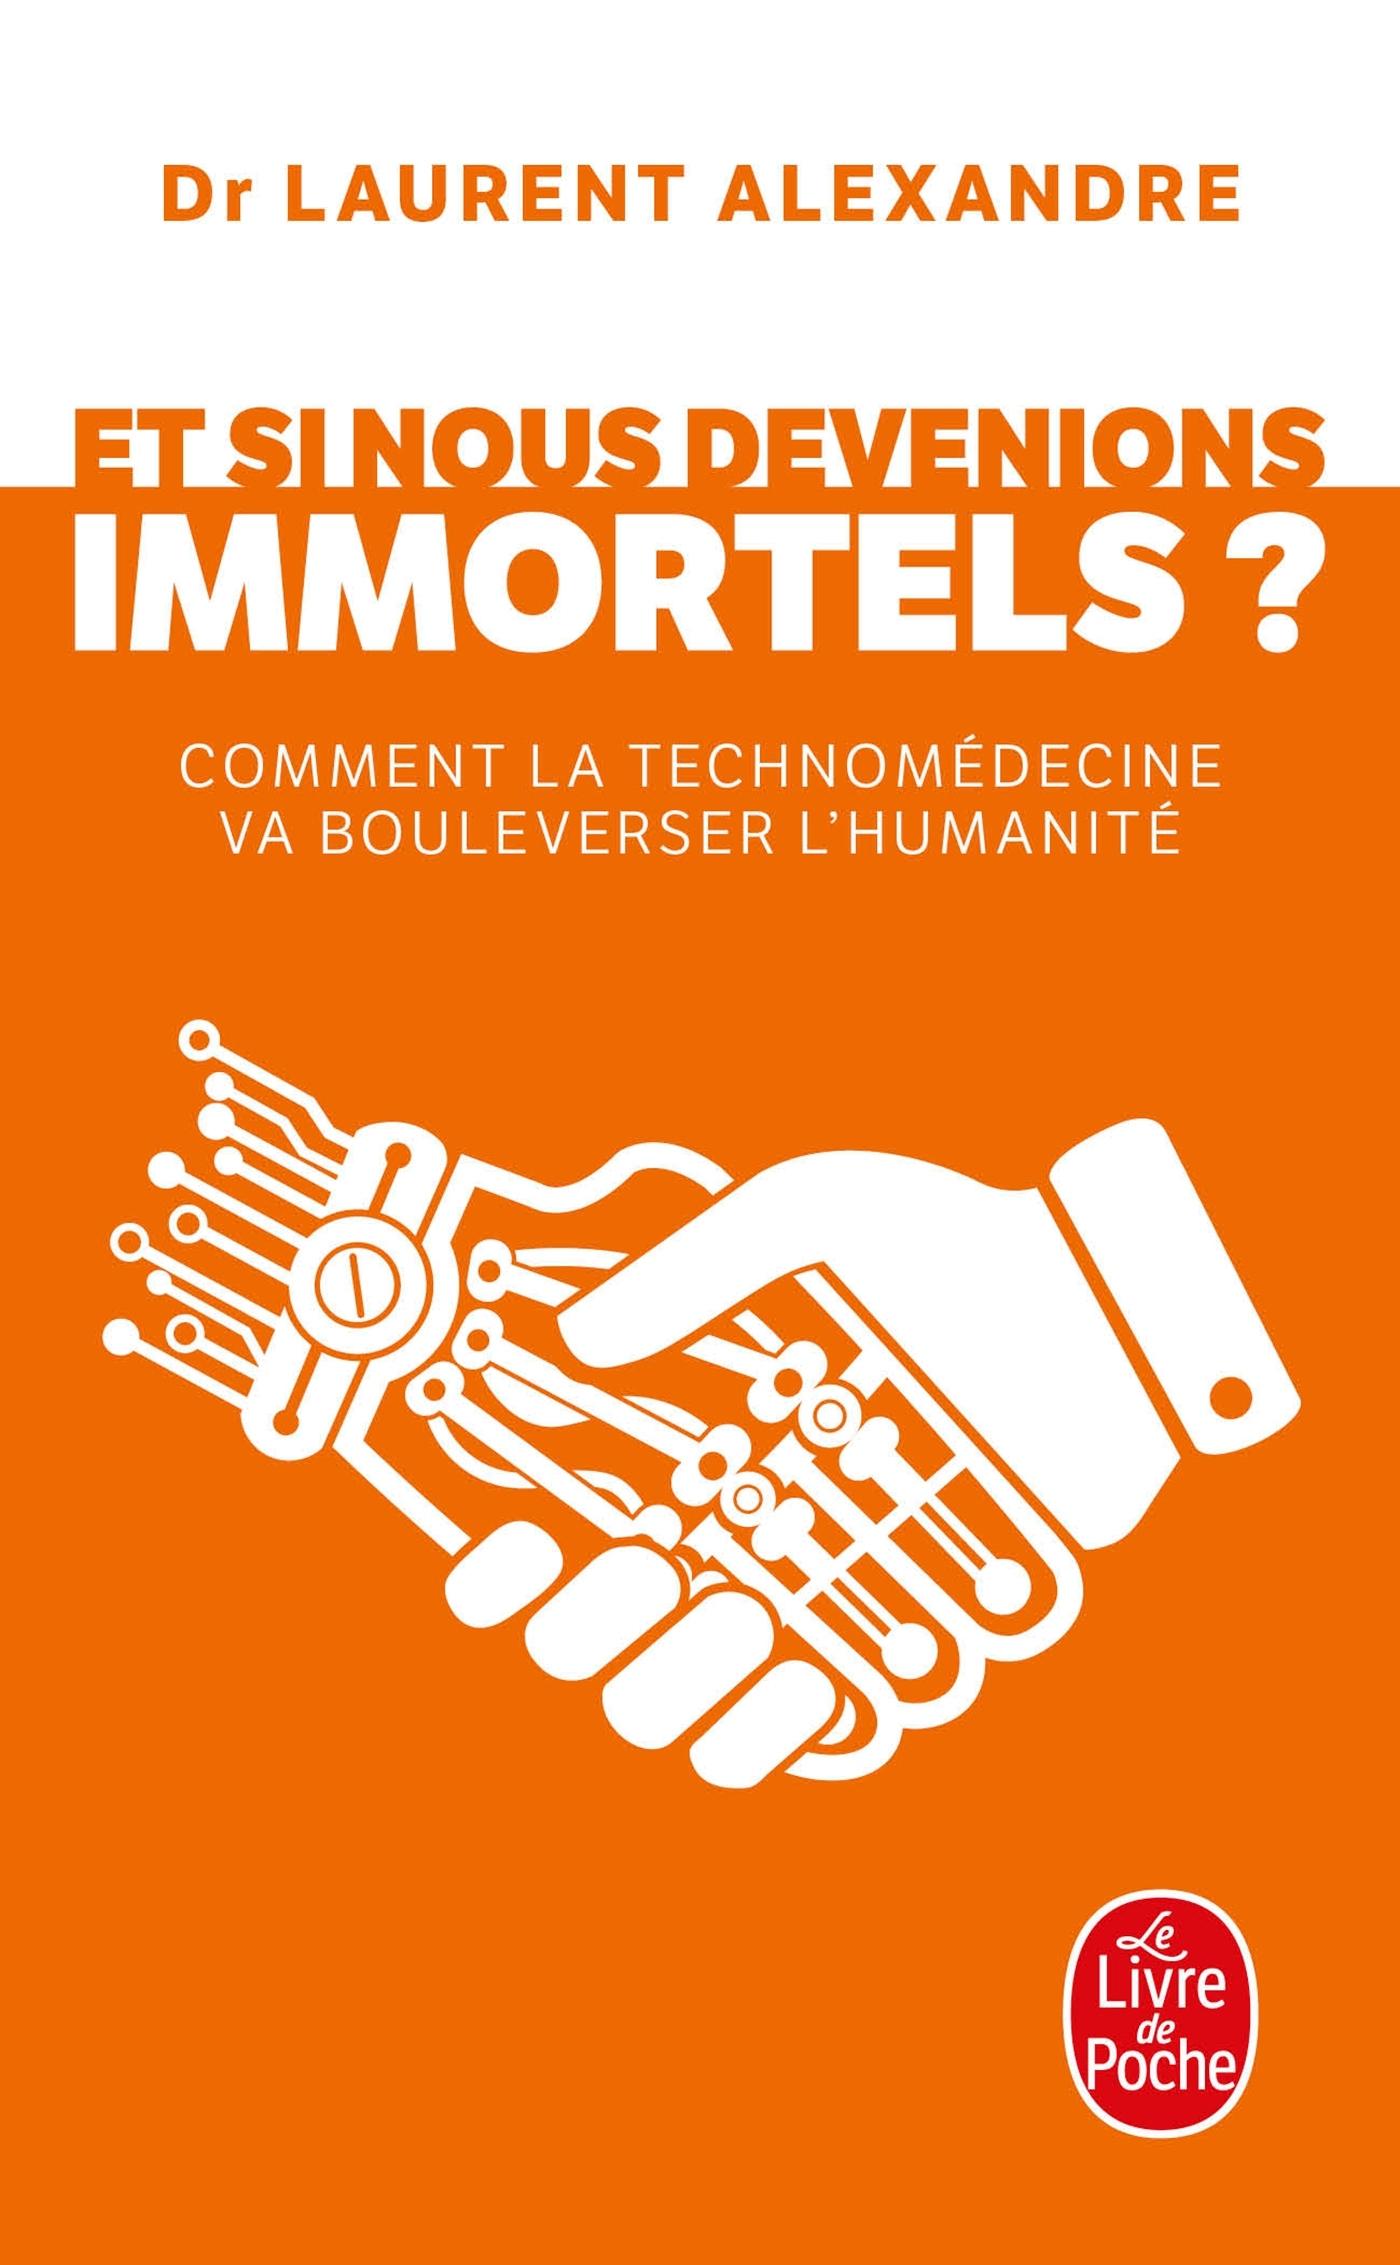 ET SI NOUS DEVENIONS IMMORTELS ? - COMMENT LA TECHNOMEDECINE VA BOULEVERSER L HUMANITE